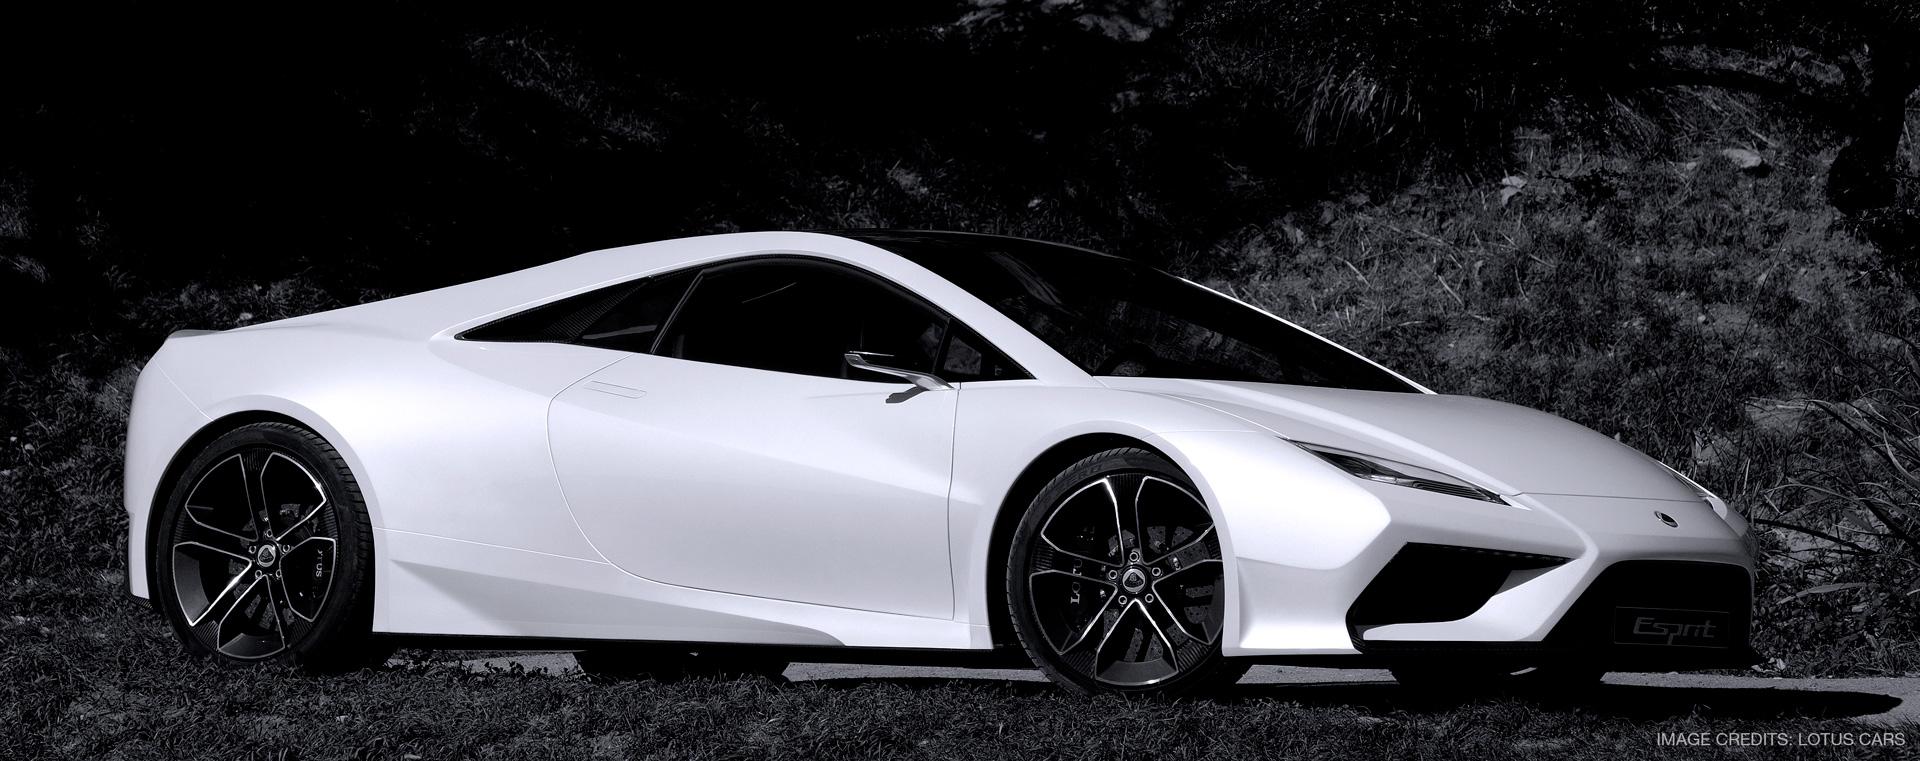 2010 Lotus Esprit Concept Car